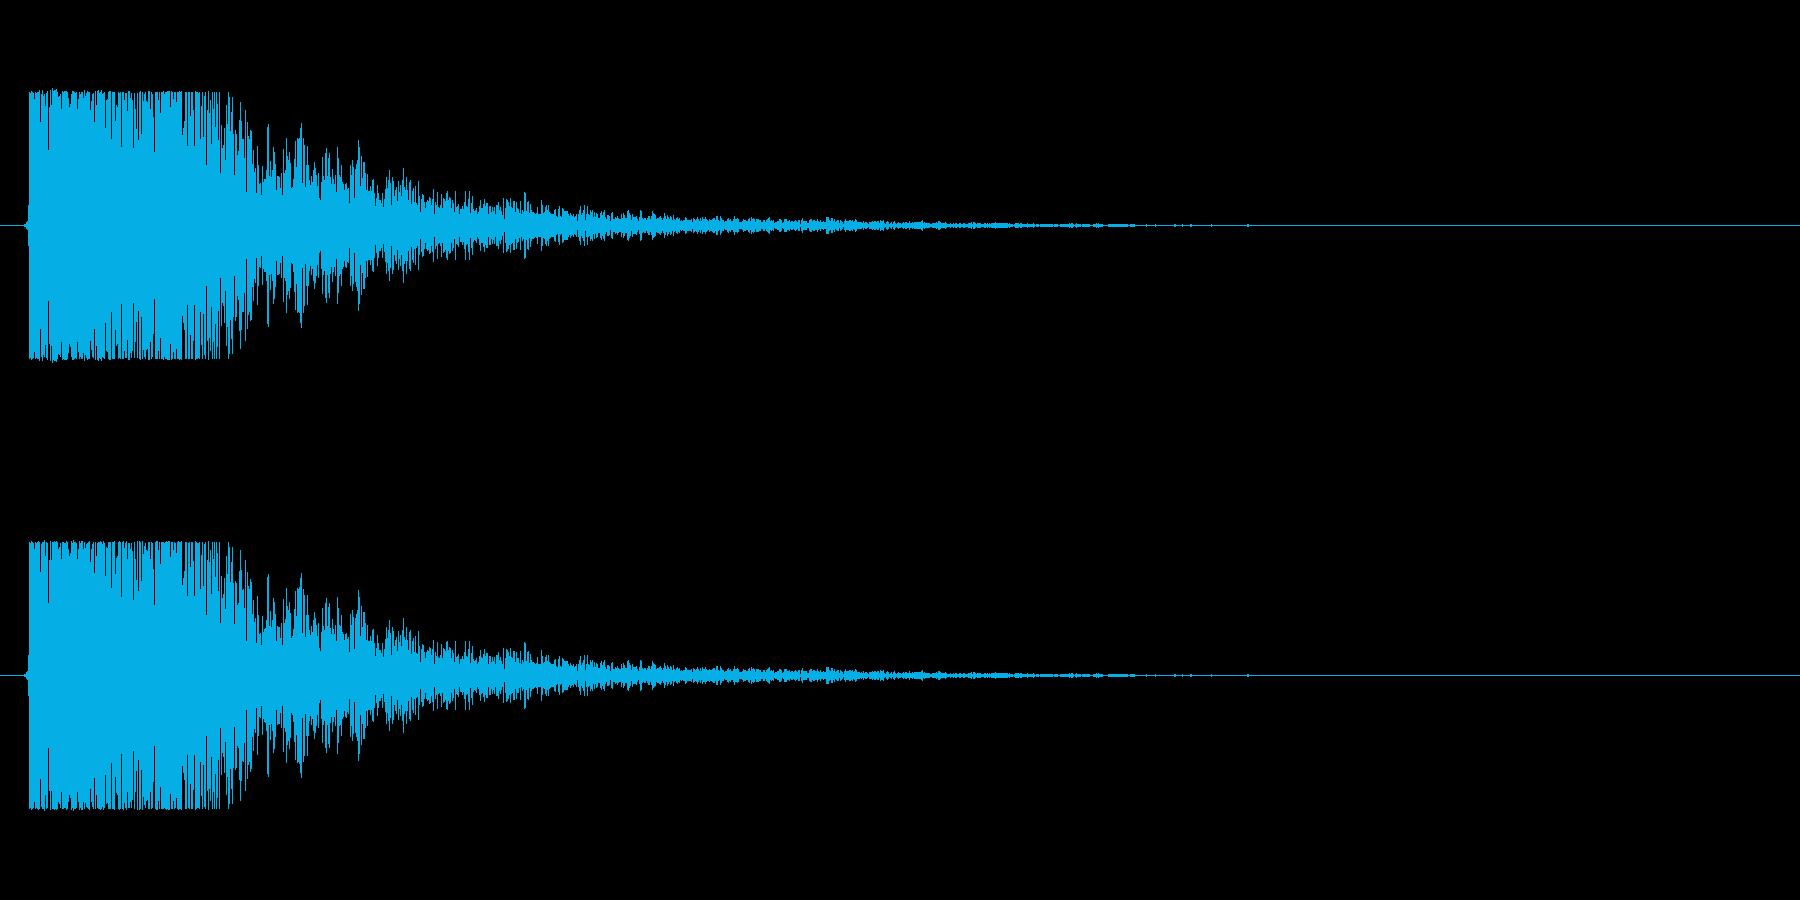 【大砲01-1】の再生済みの波形